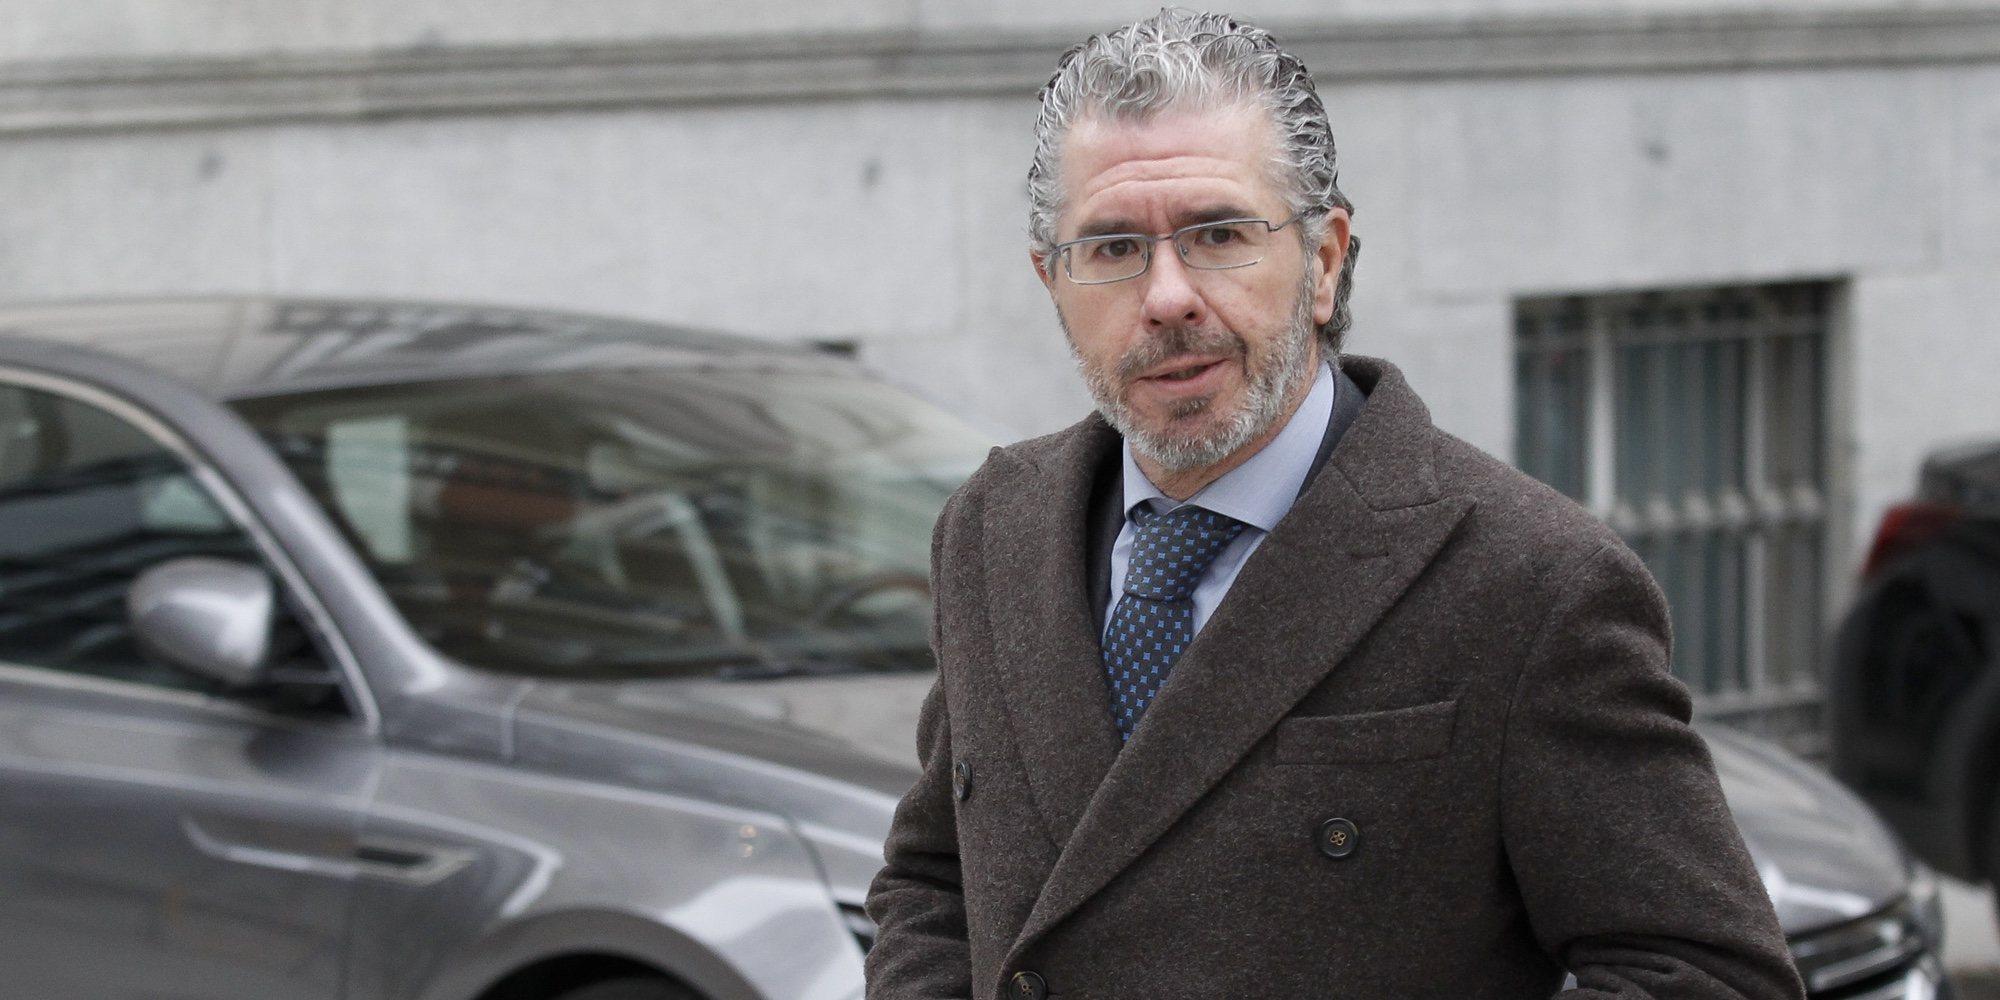 El juez de la Púnica archiva la causa contra Inés de Borbón por blanqueo de capitales en Suiza